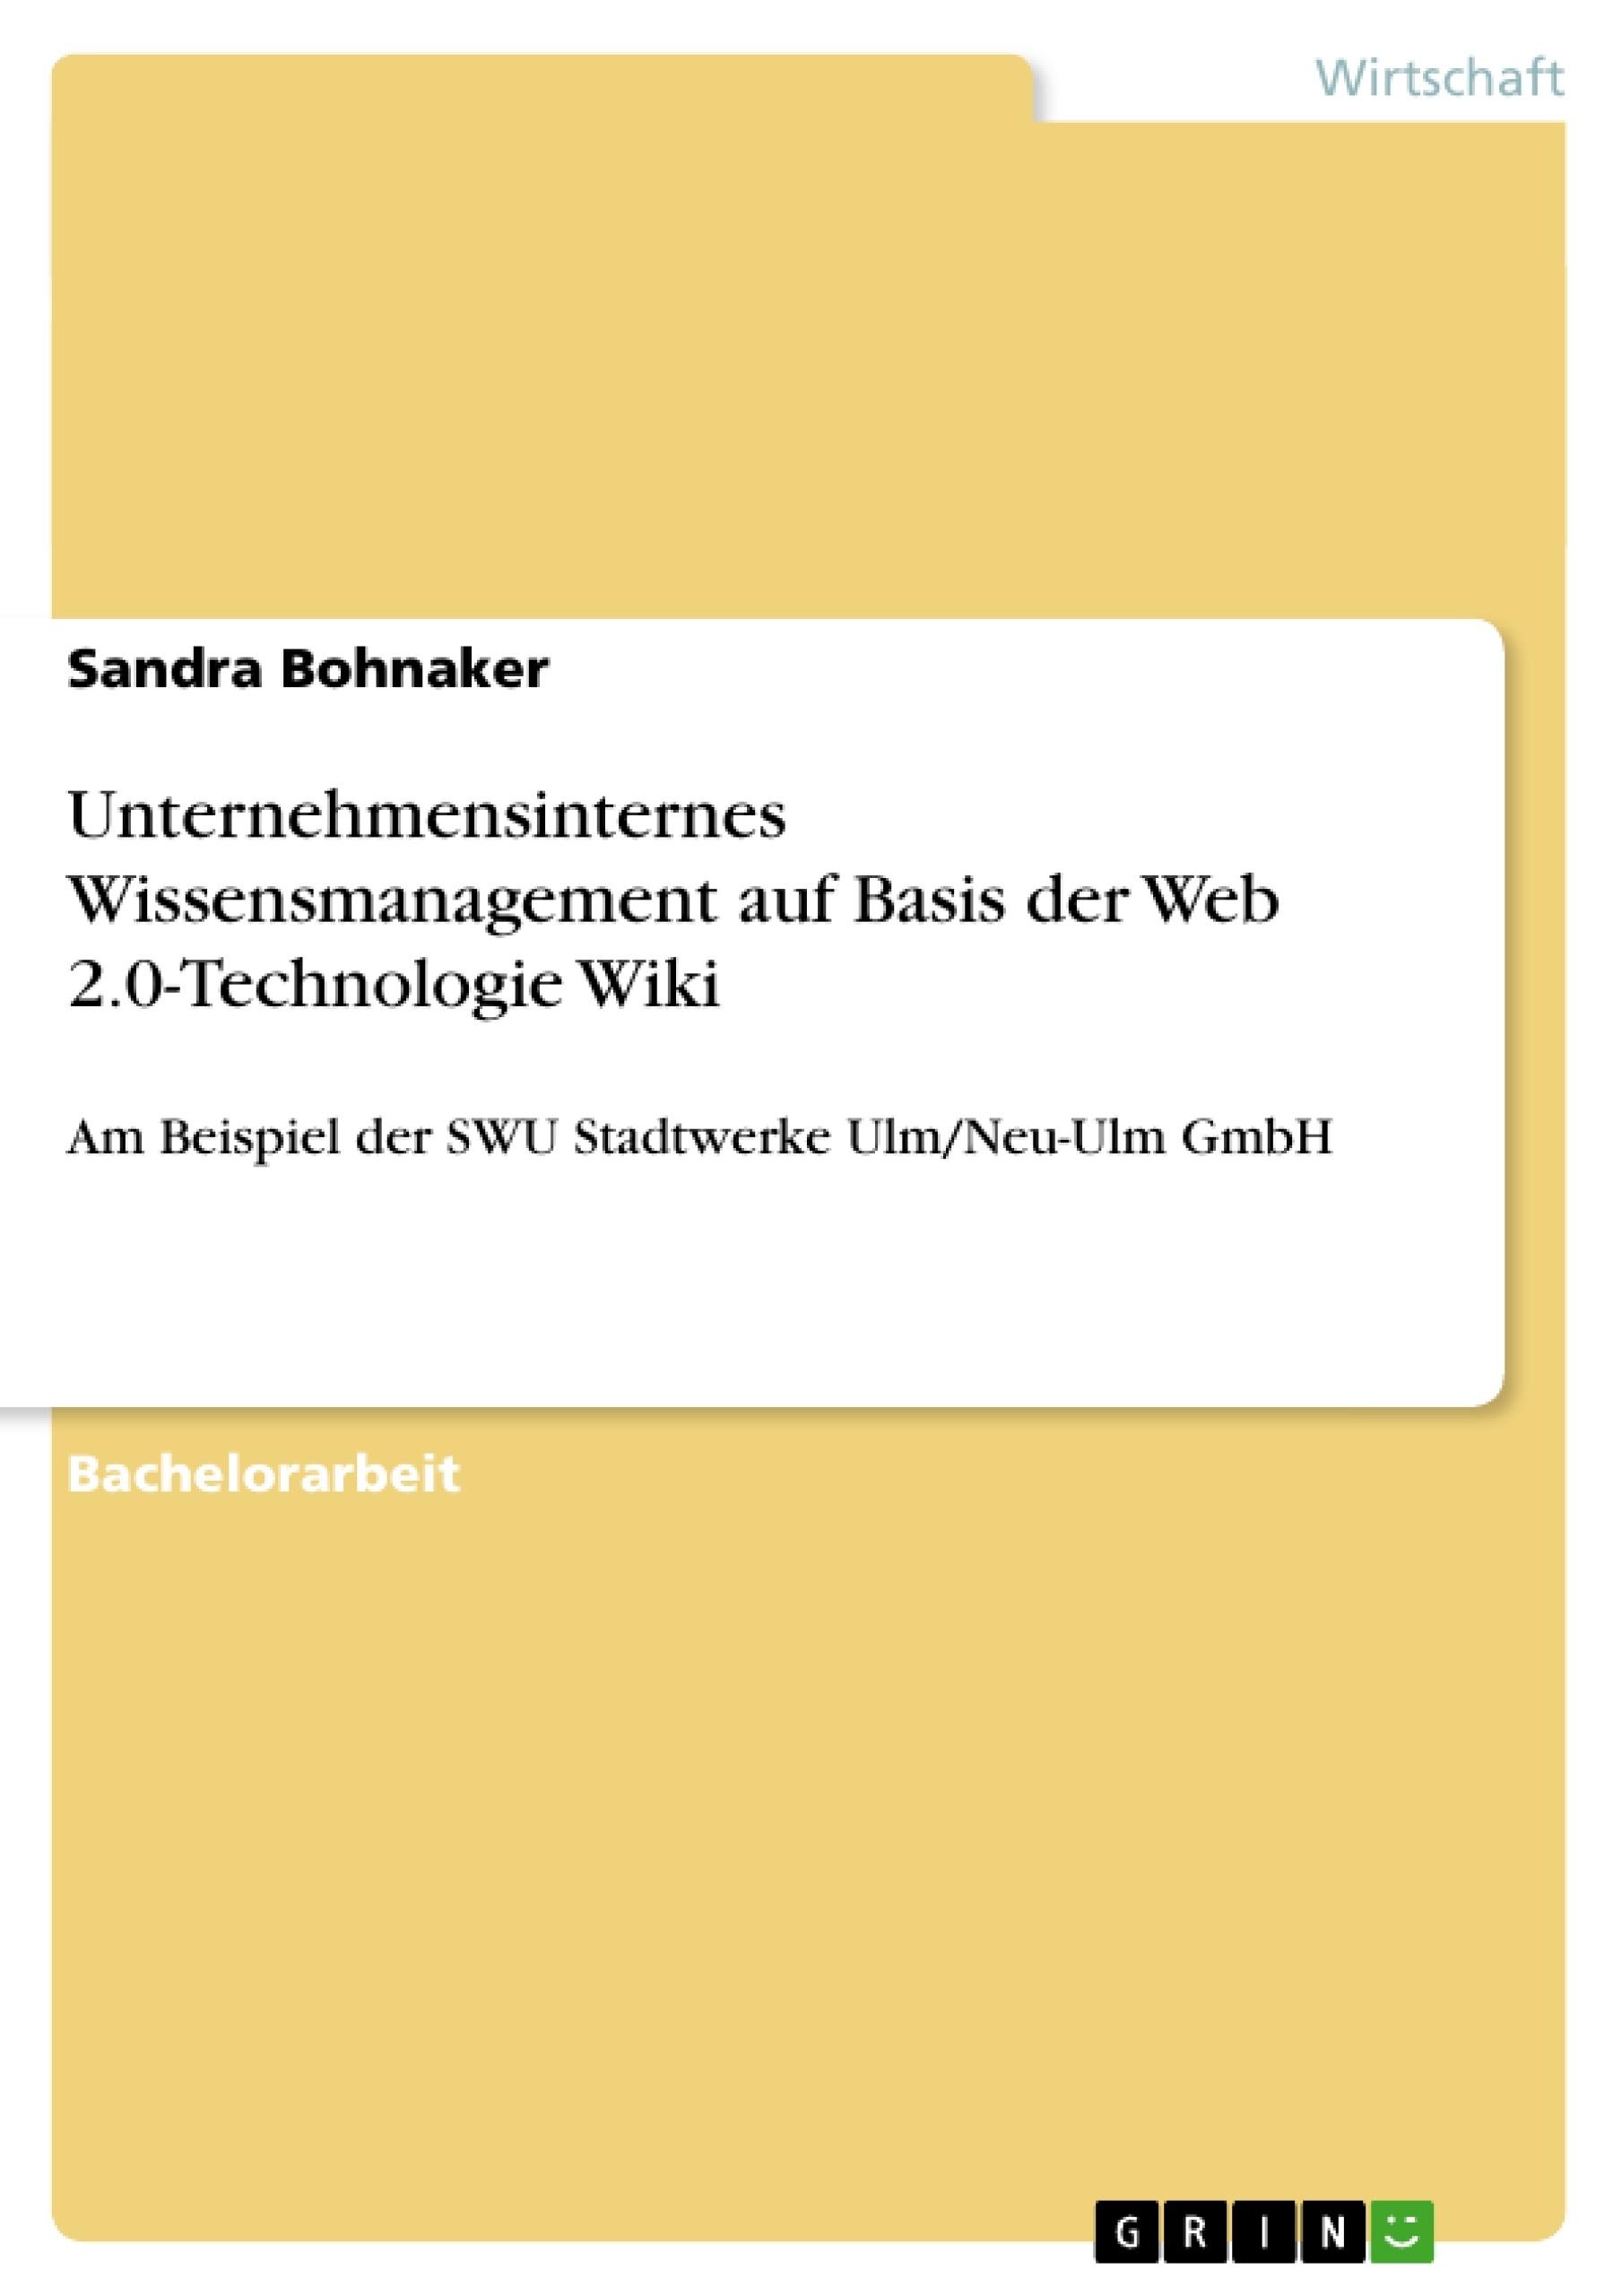 Titel: Unternehmensinternes Wissensmanagement auf Basis der Web 2.0-Technologie Wiki